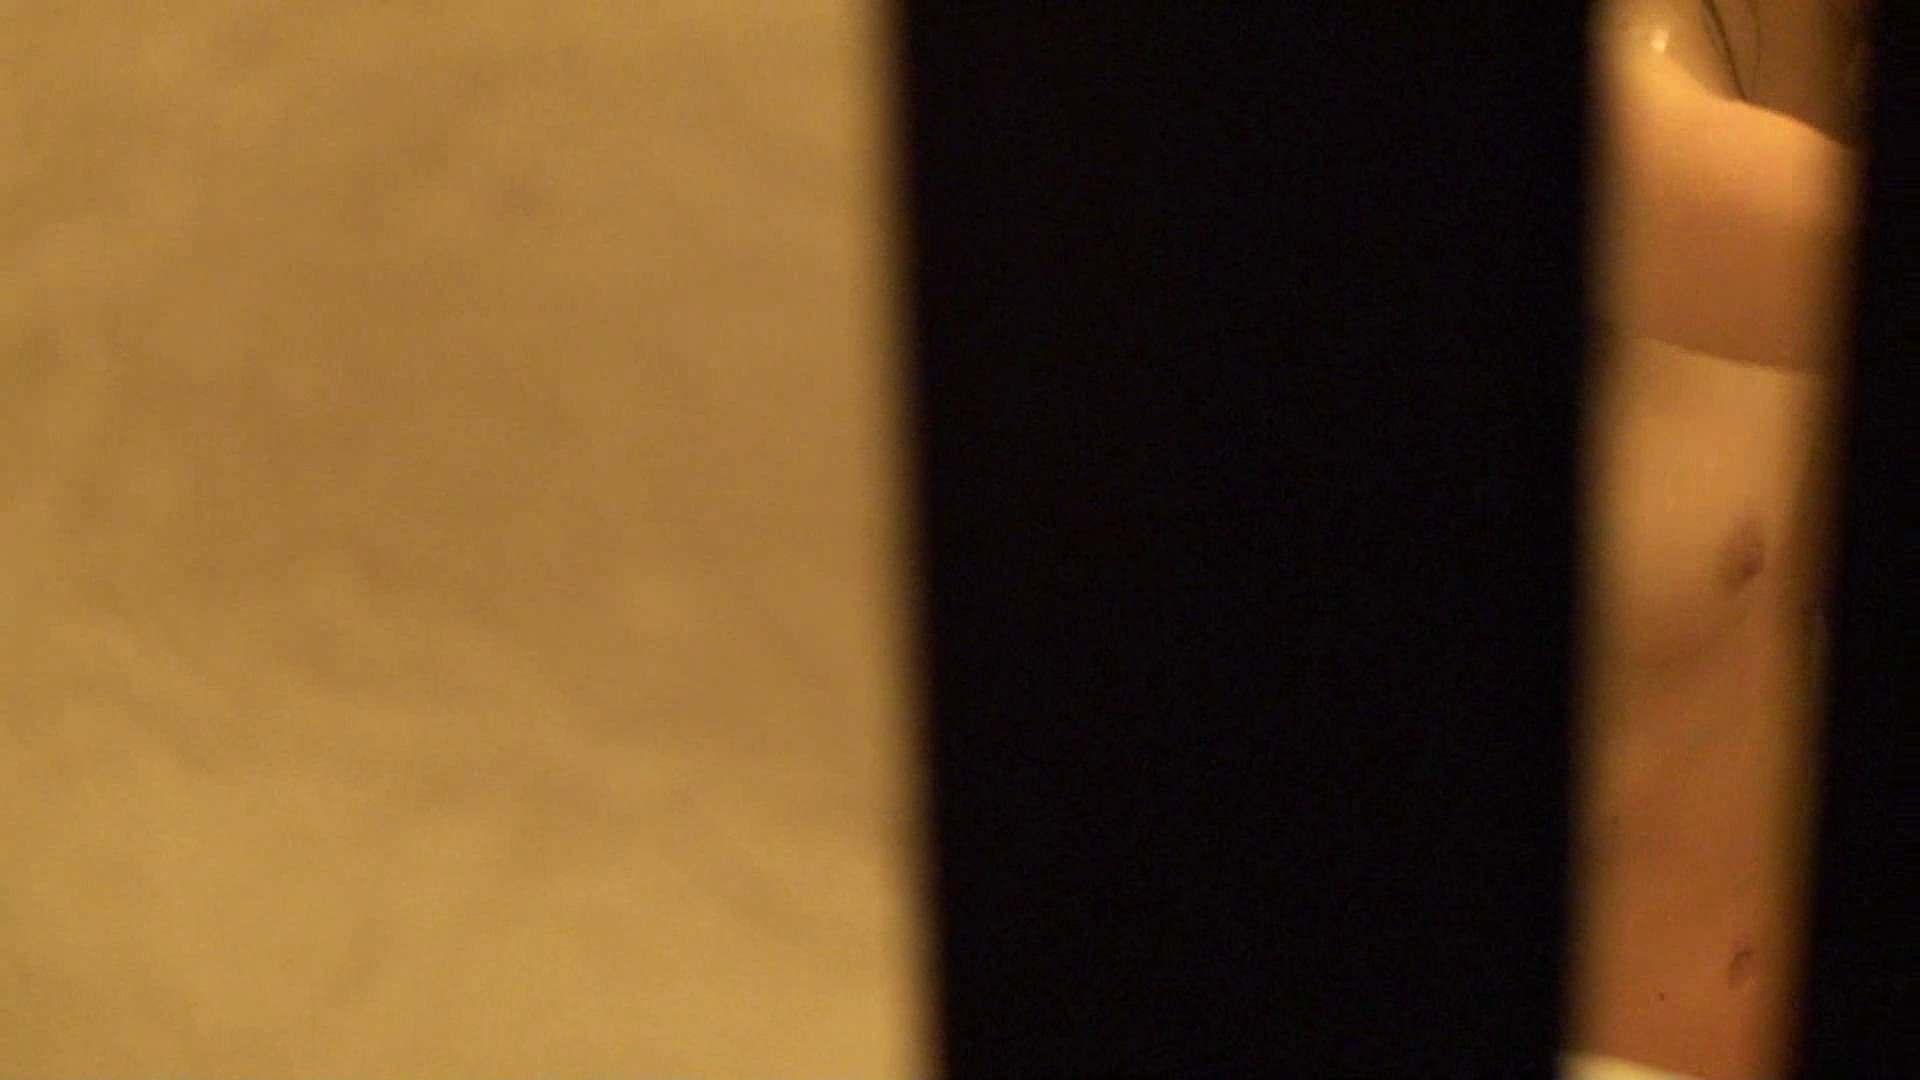 vol.02超可愛すぎる彼女の裸体をハイビジョンで!至近距離での眺め最高! 裸体 おめこ無修正動画無料 94連発 58